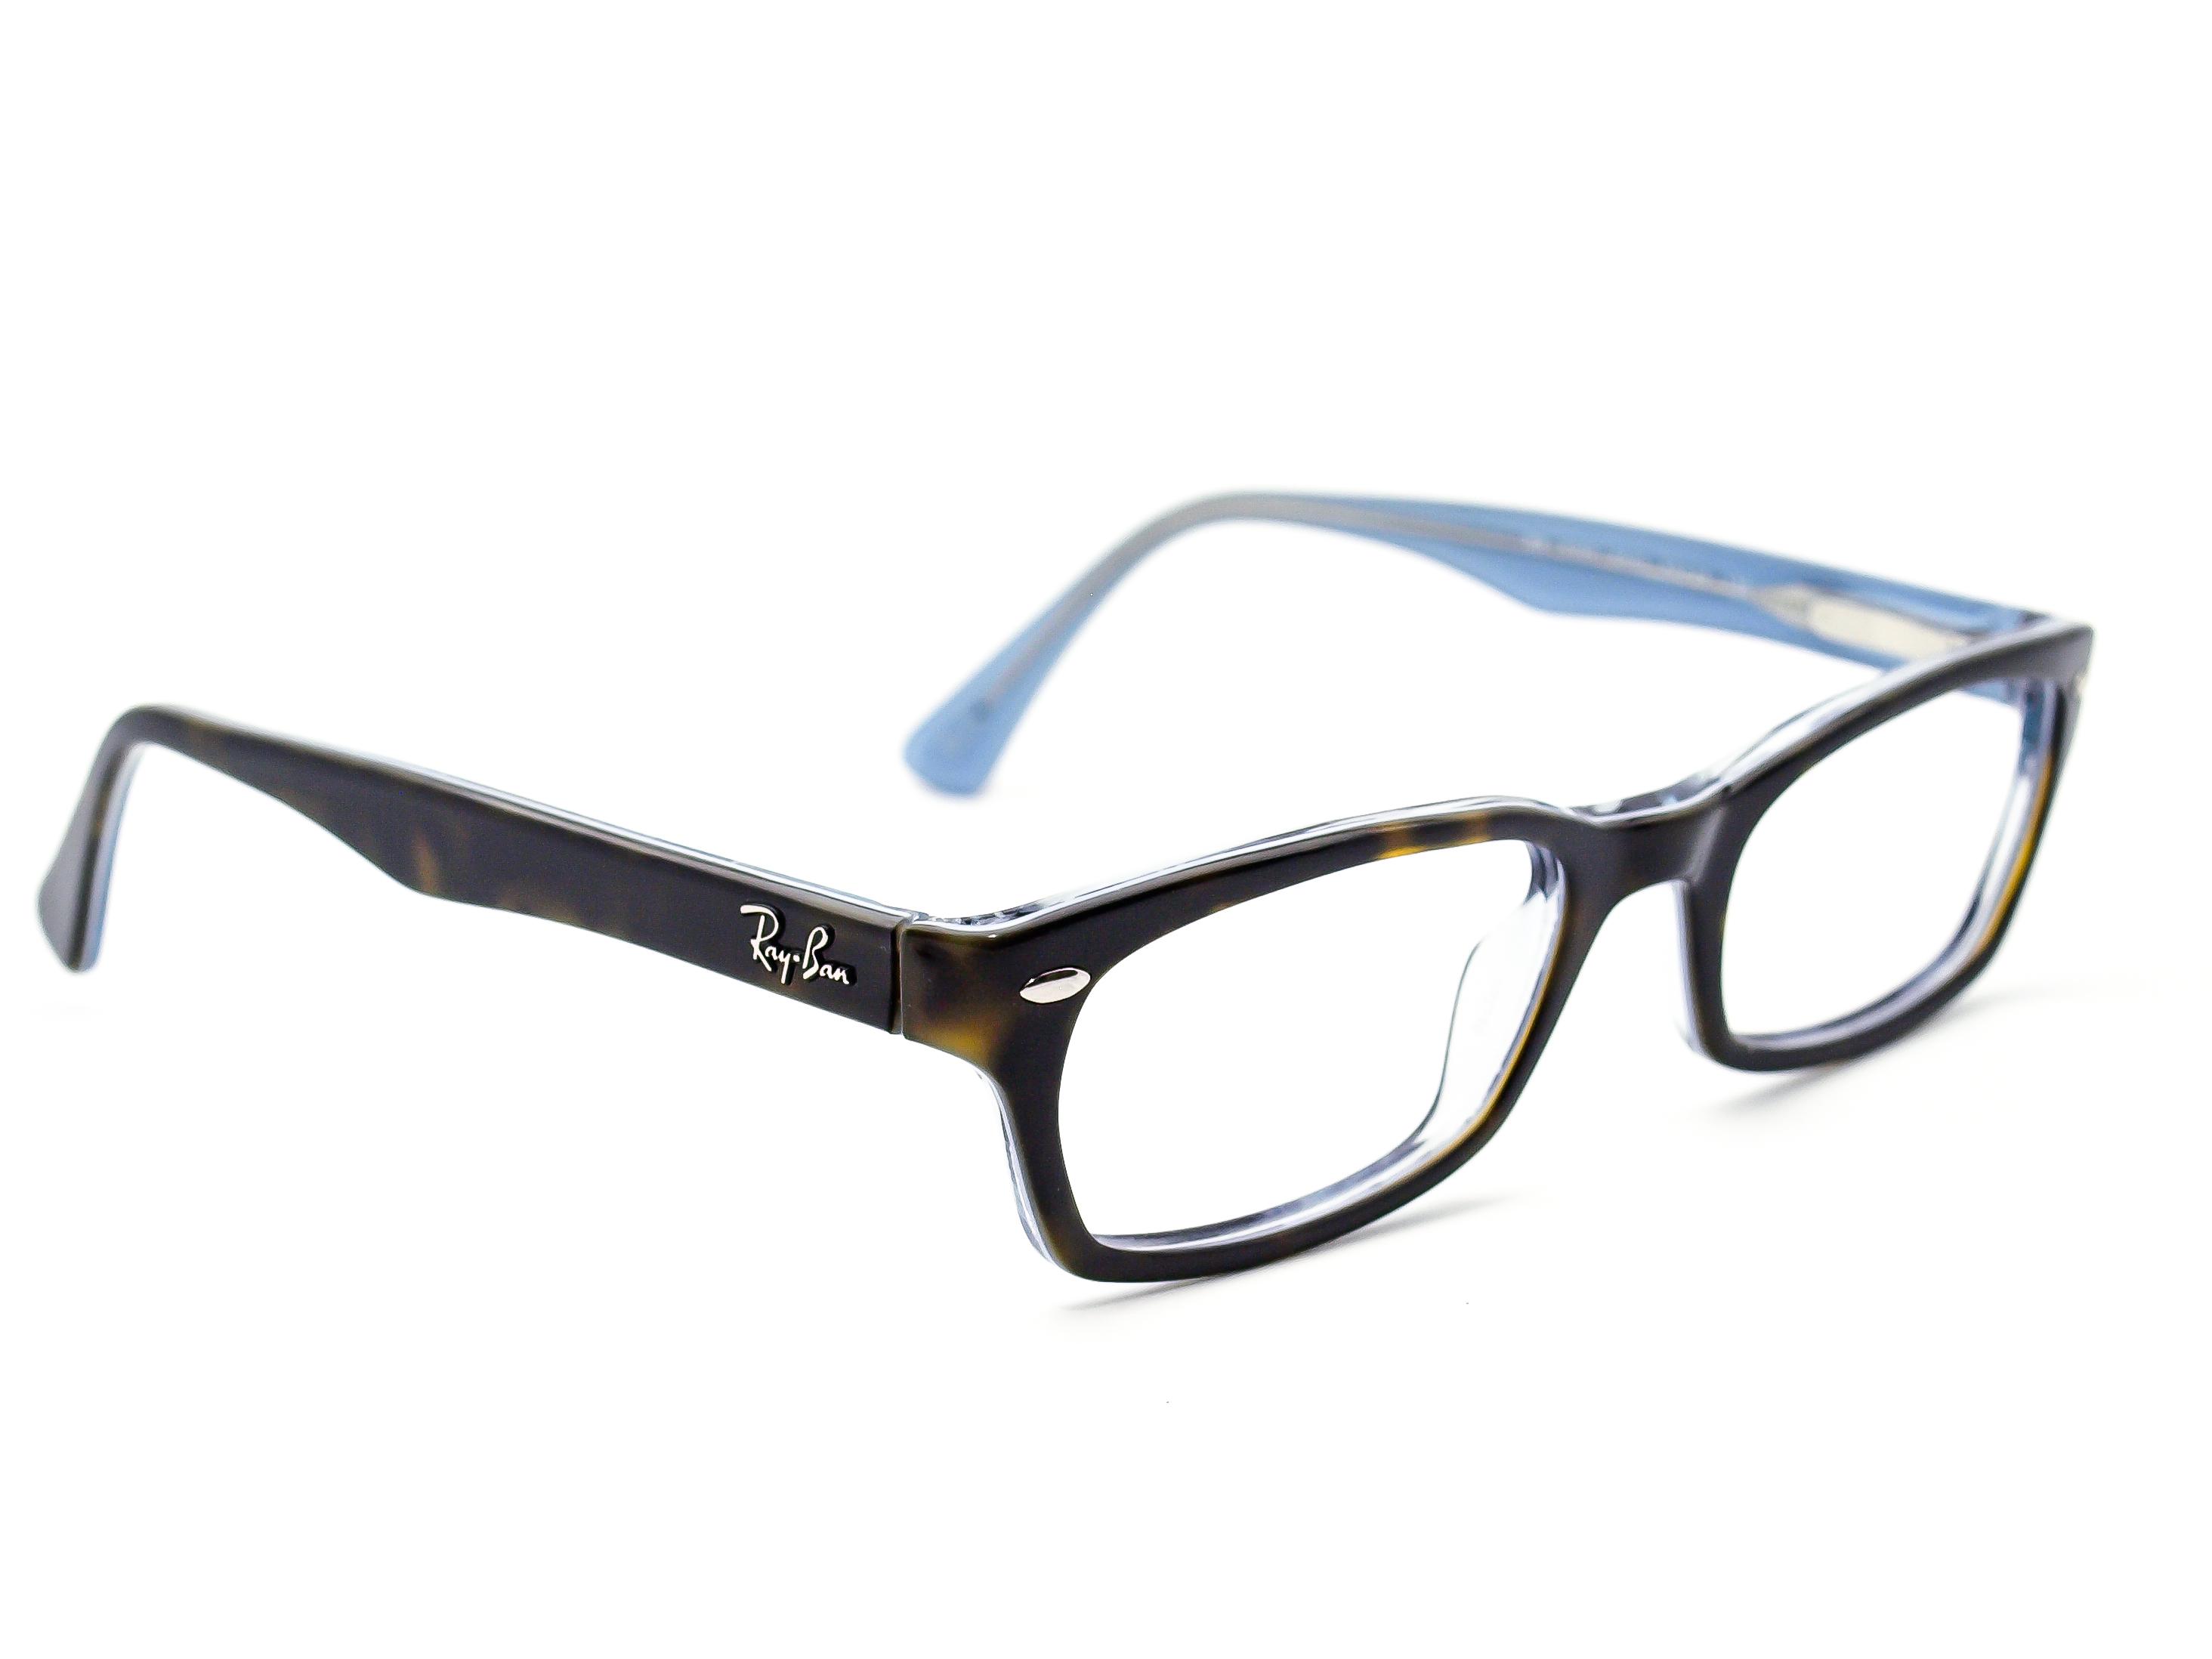 6a5039f9585e Ray Ban RB 5150 5023 Eyeglasses